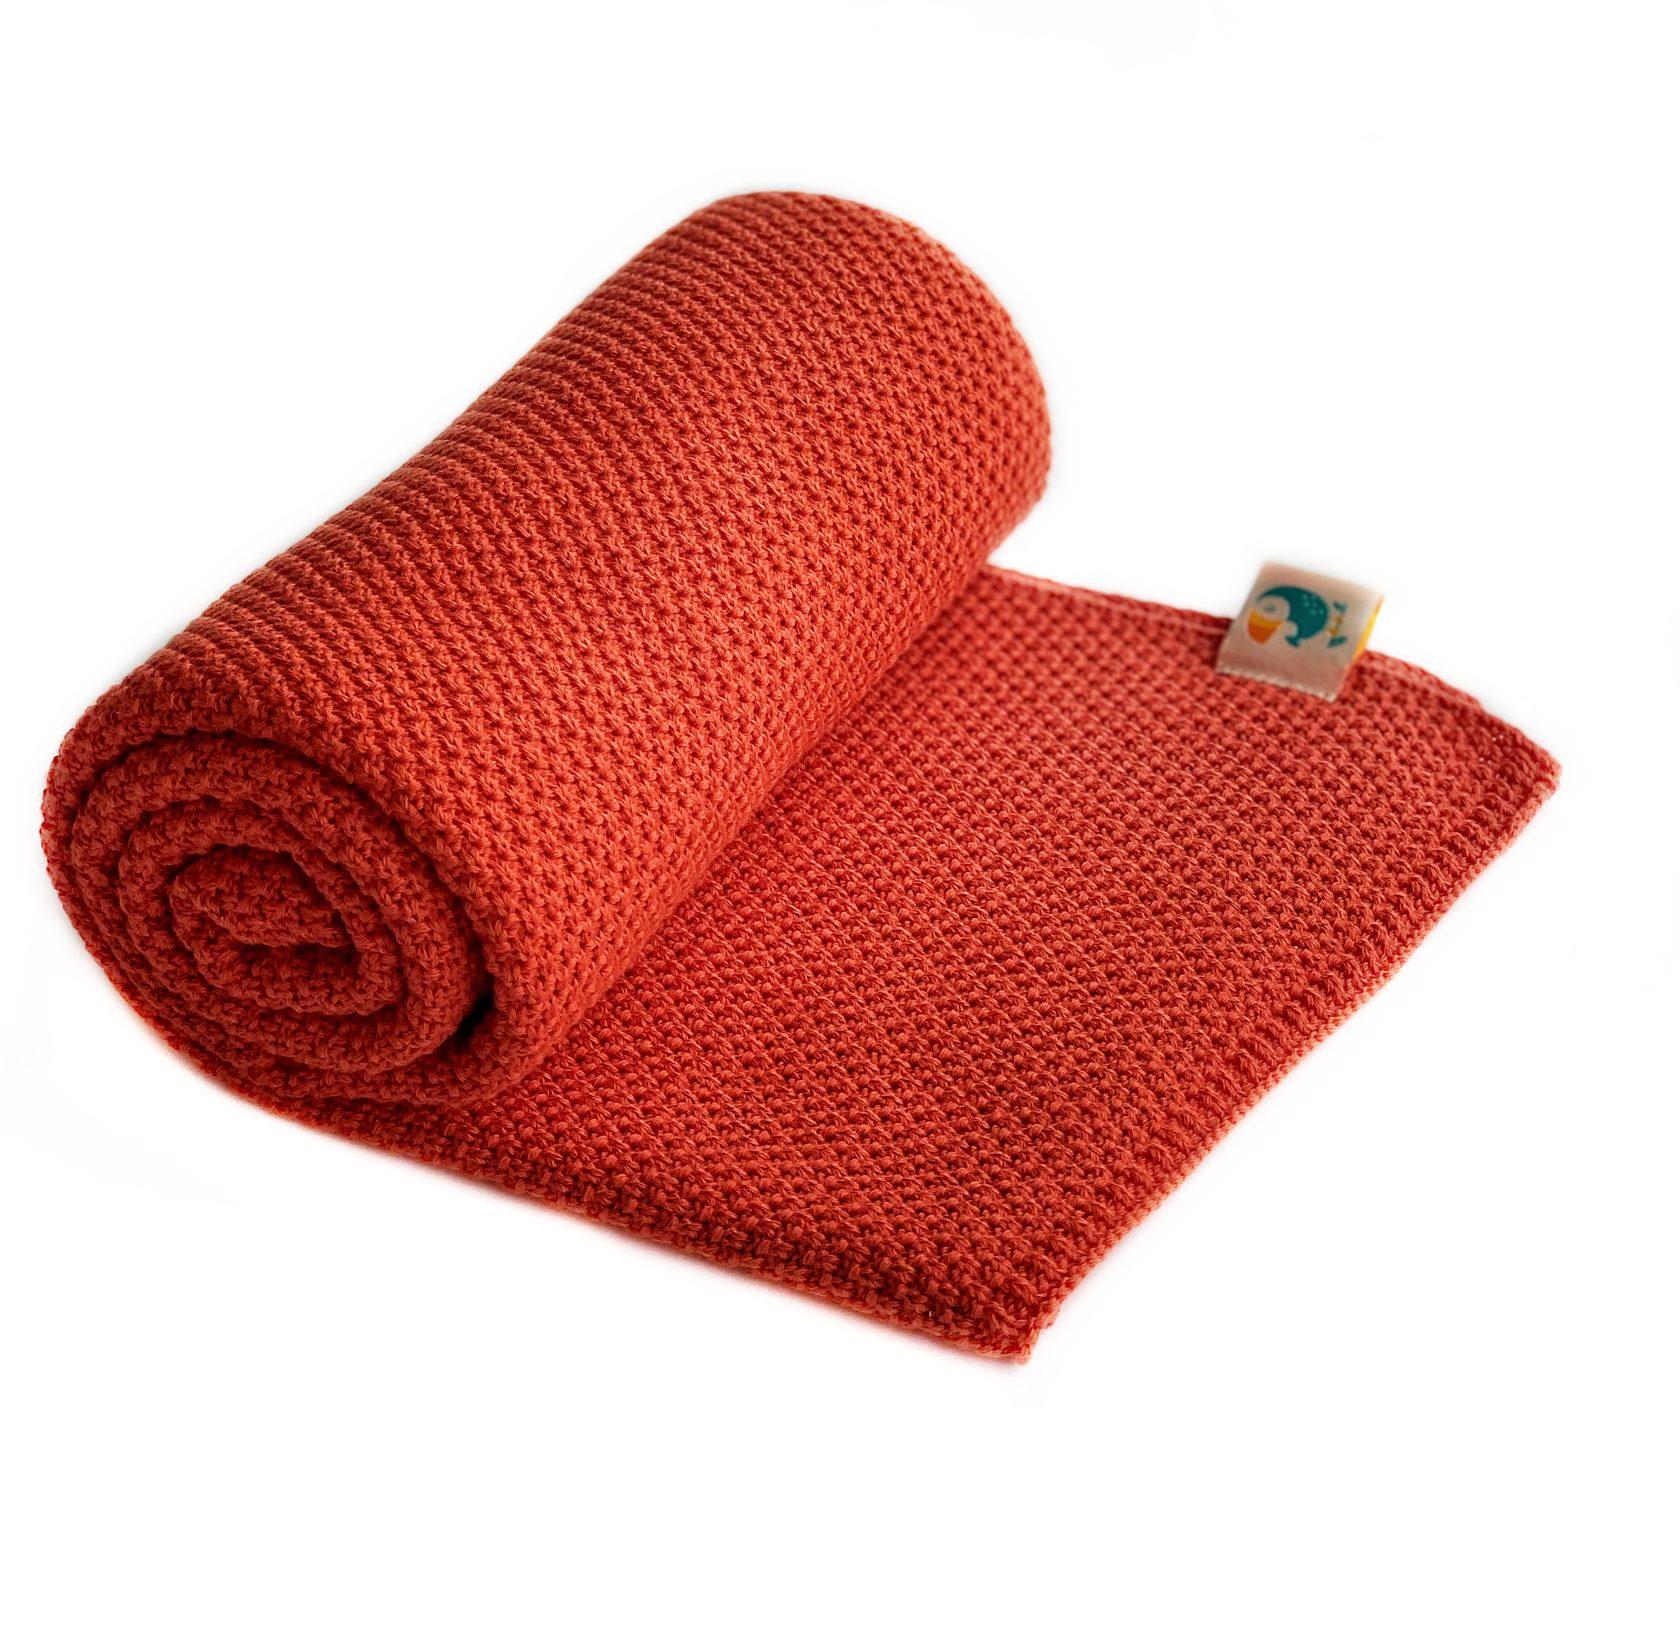 Хлопковый плед Mosaic шиповник купить в интернет-магазине toucankids.ru от производителя по низкой цене